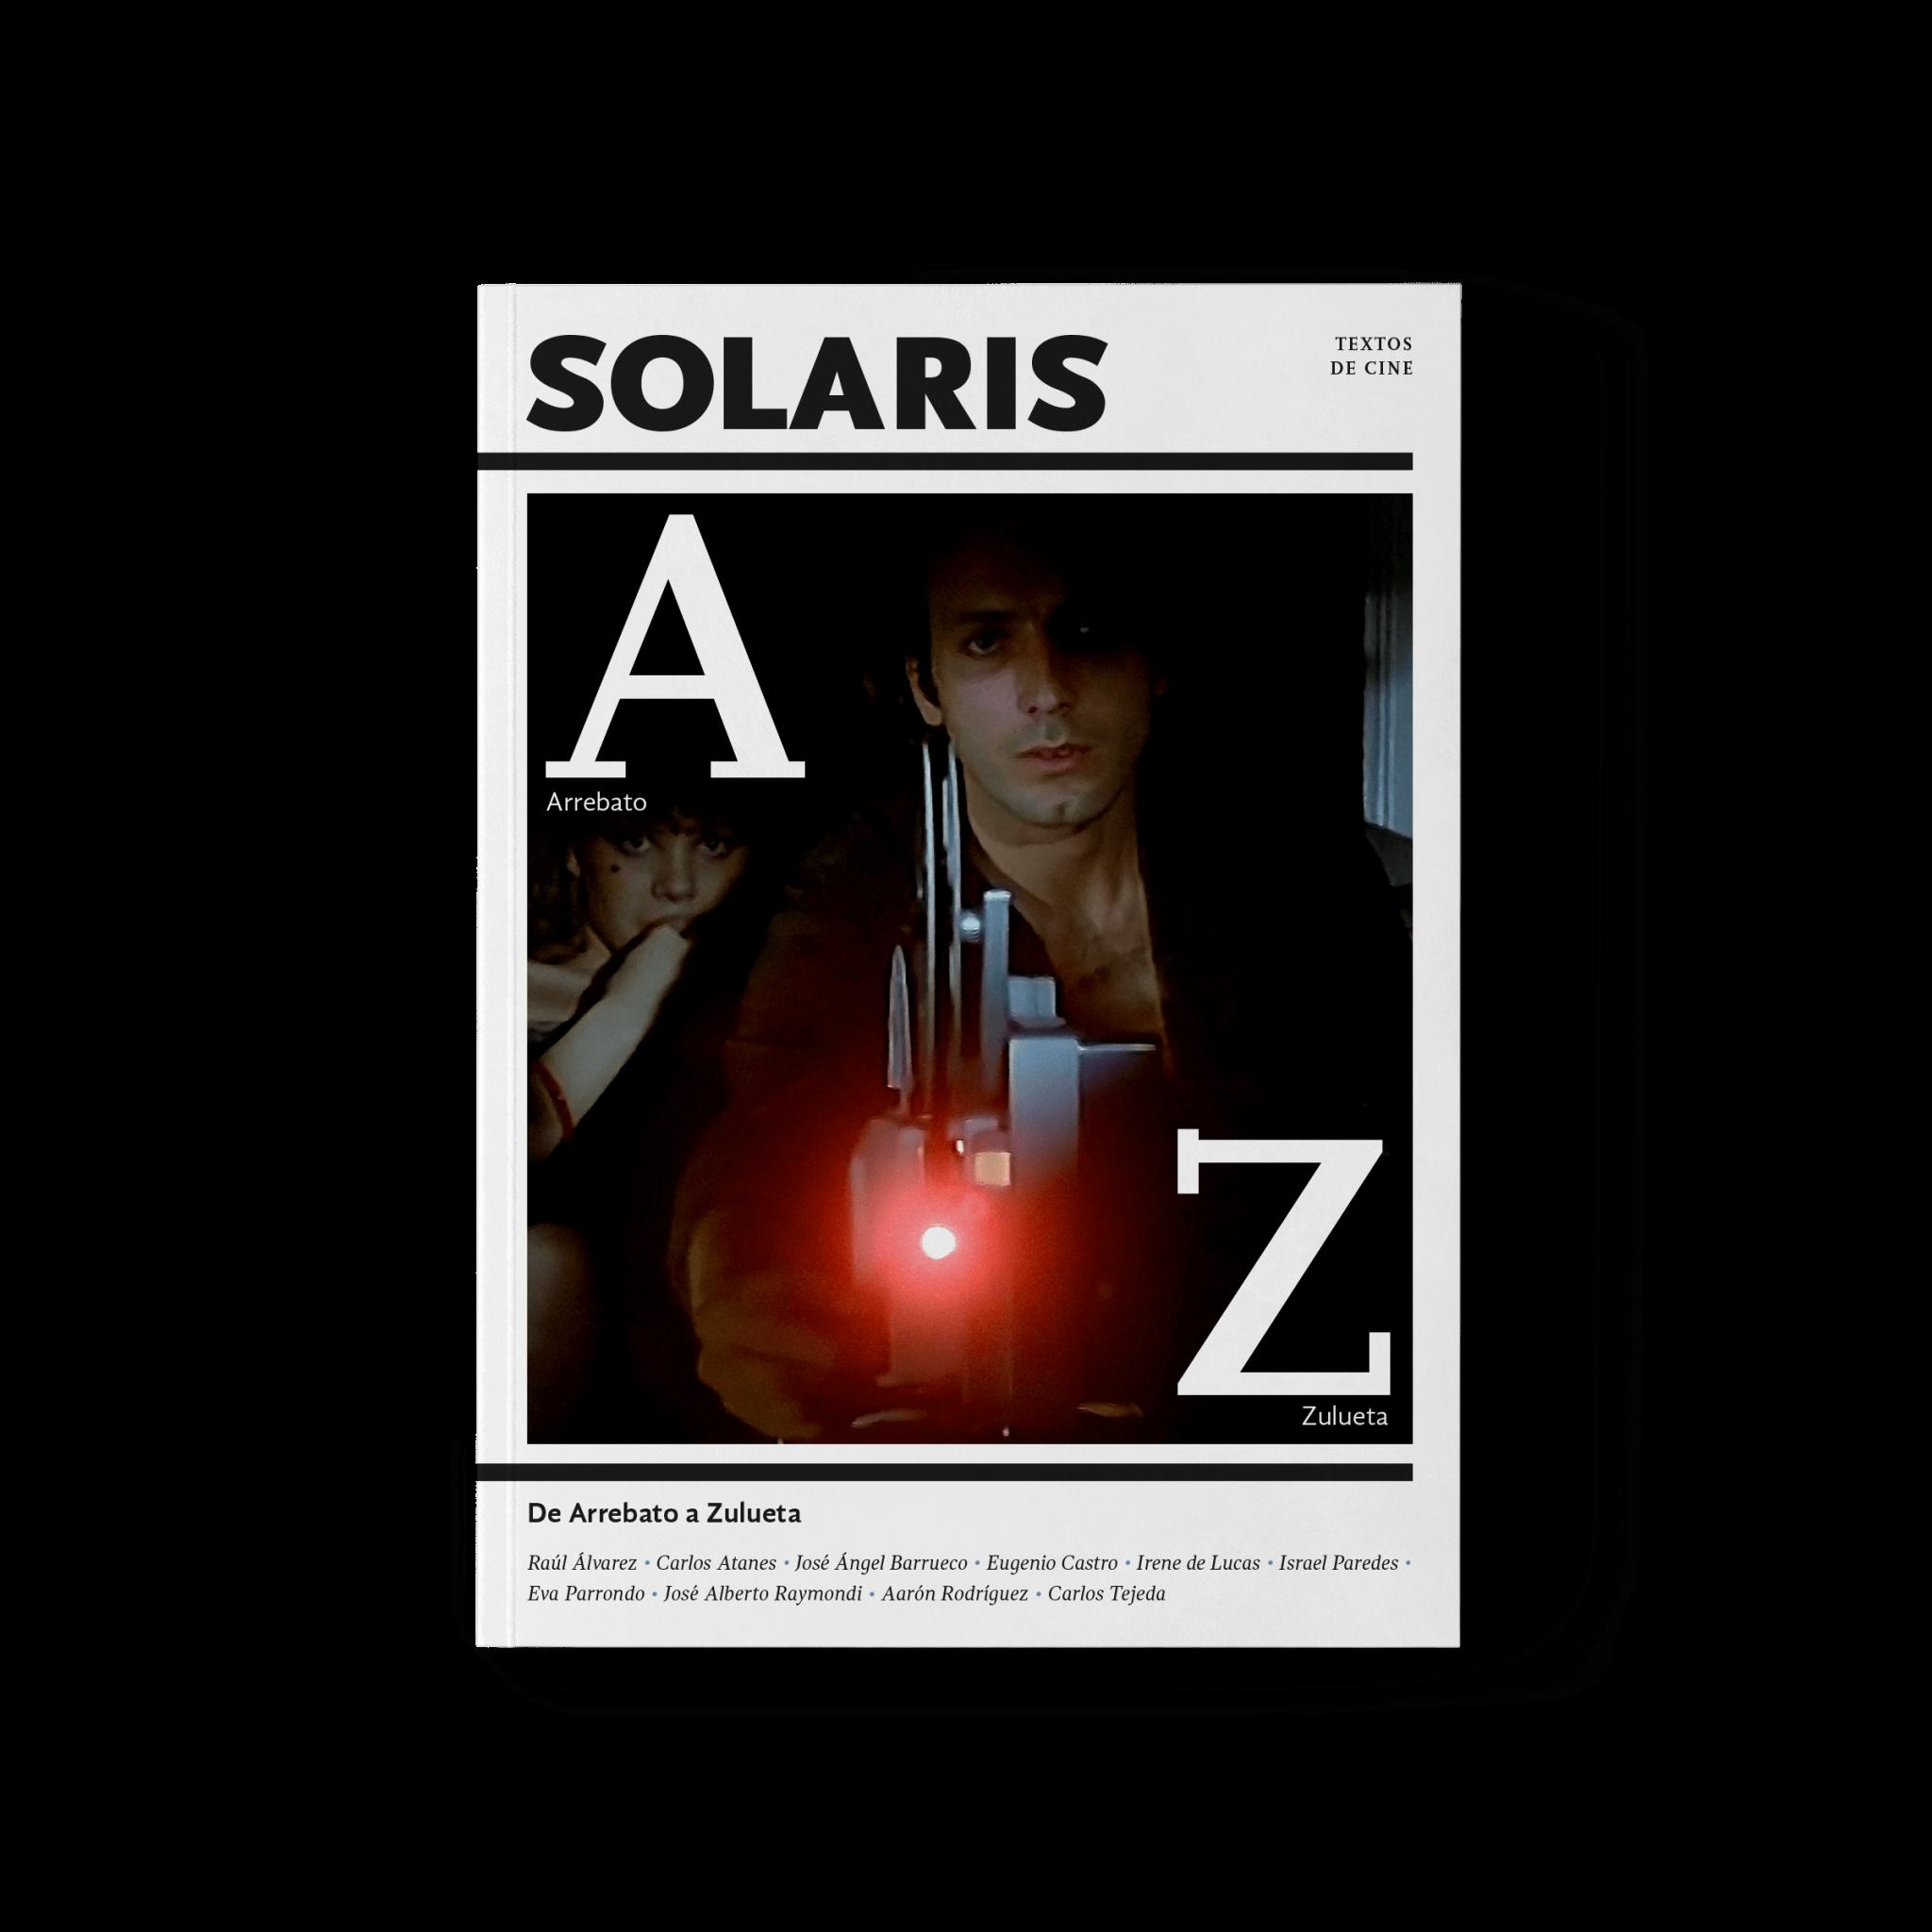 De Arrebato a Zulueta - SOLARIS, Textos de Cine